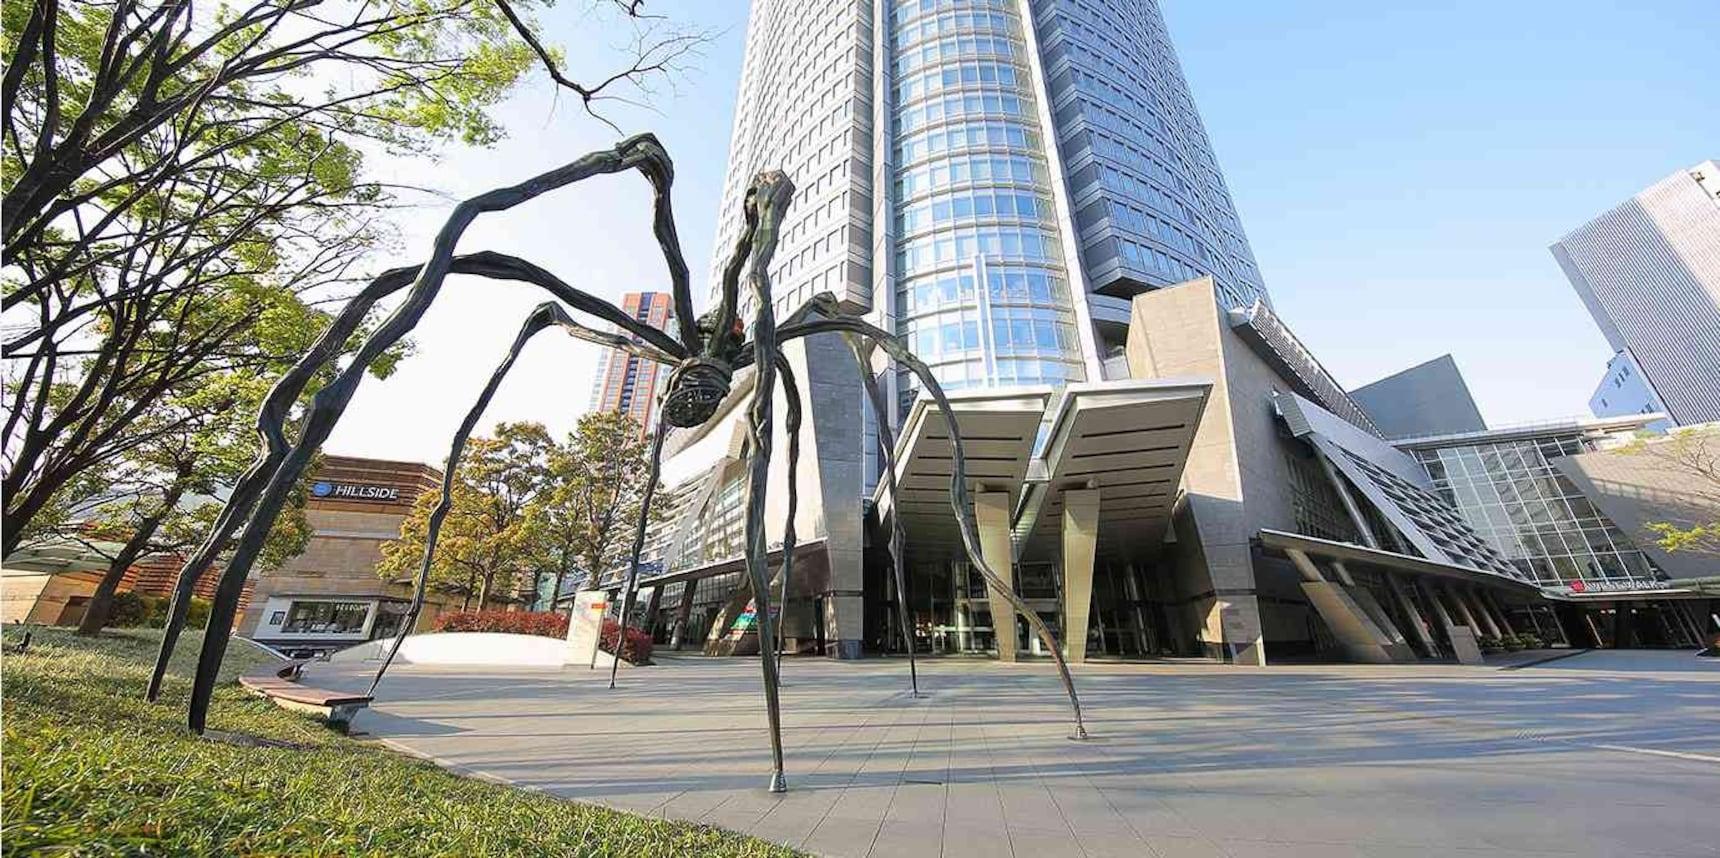 문화예술 도시 롯폰기(六本木)의 '공공 예술과 디자인'